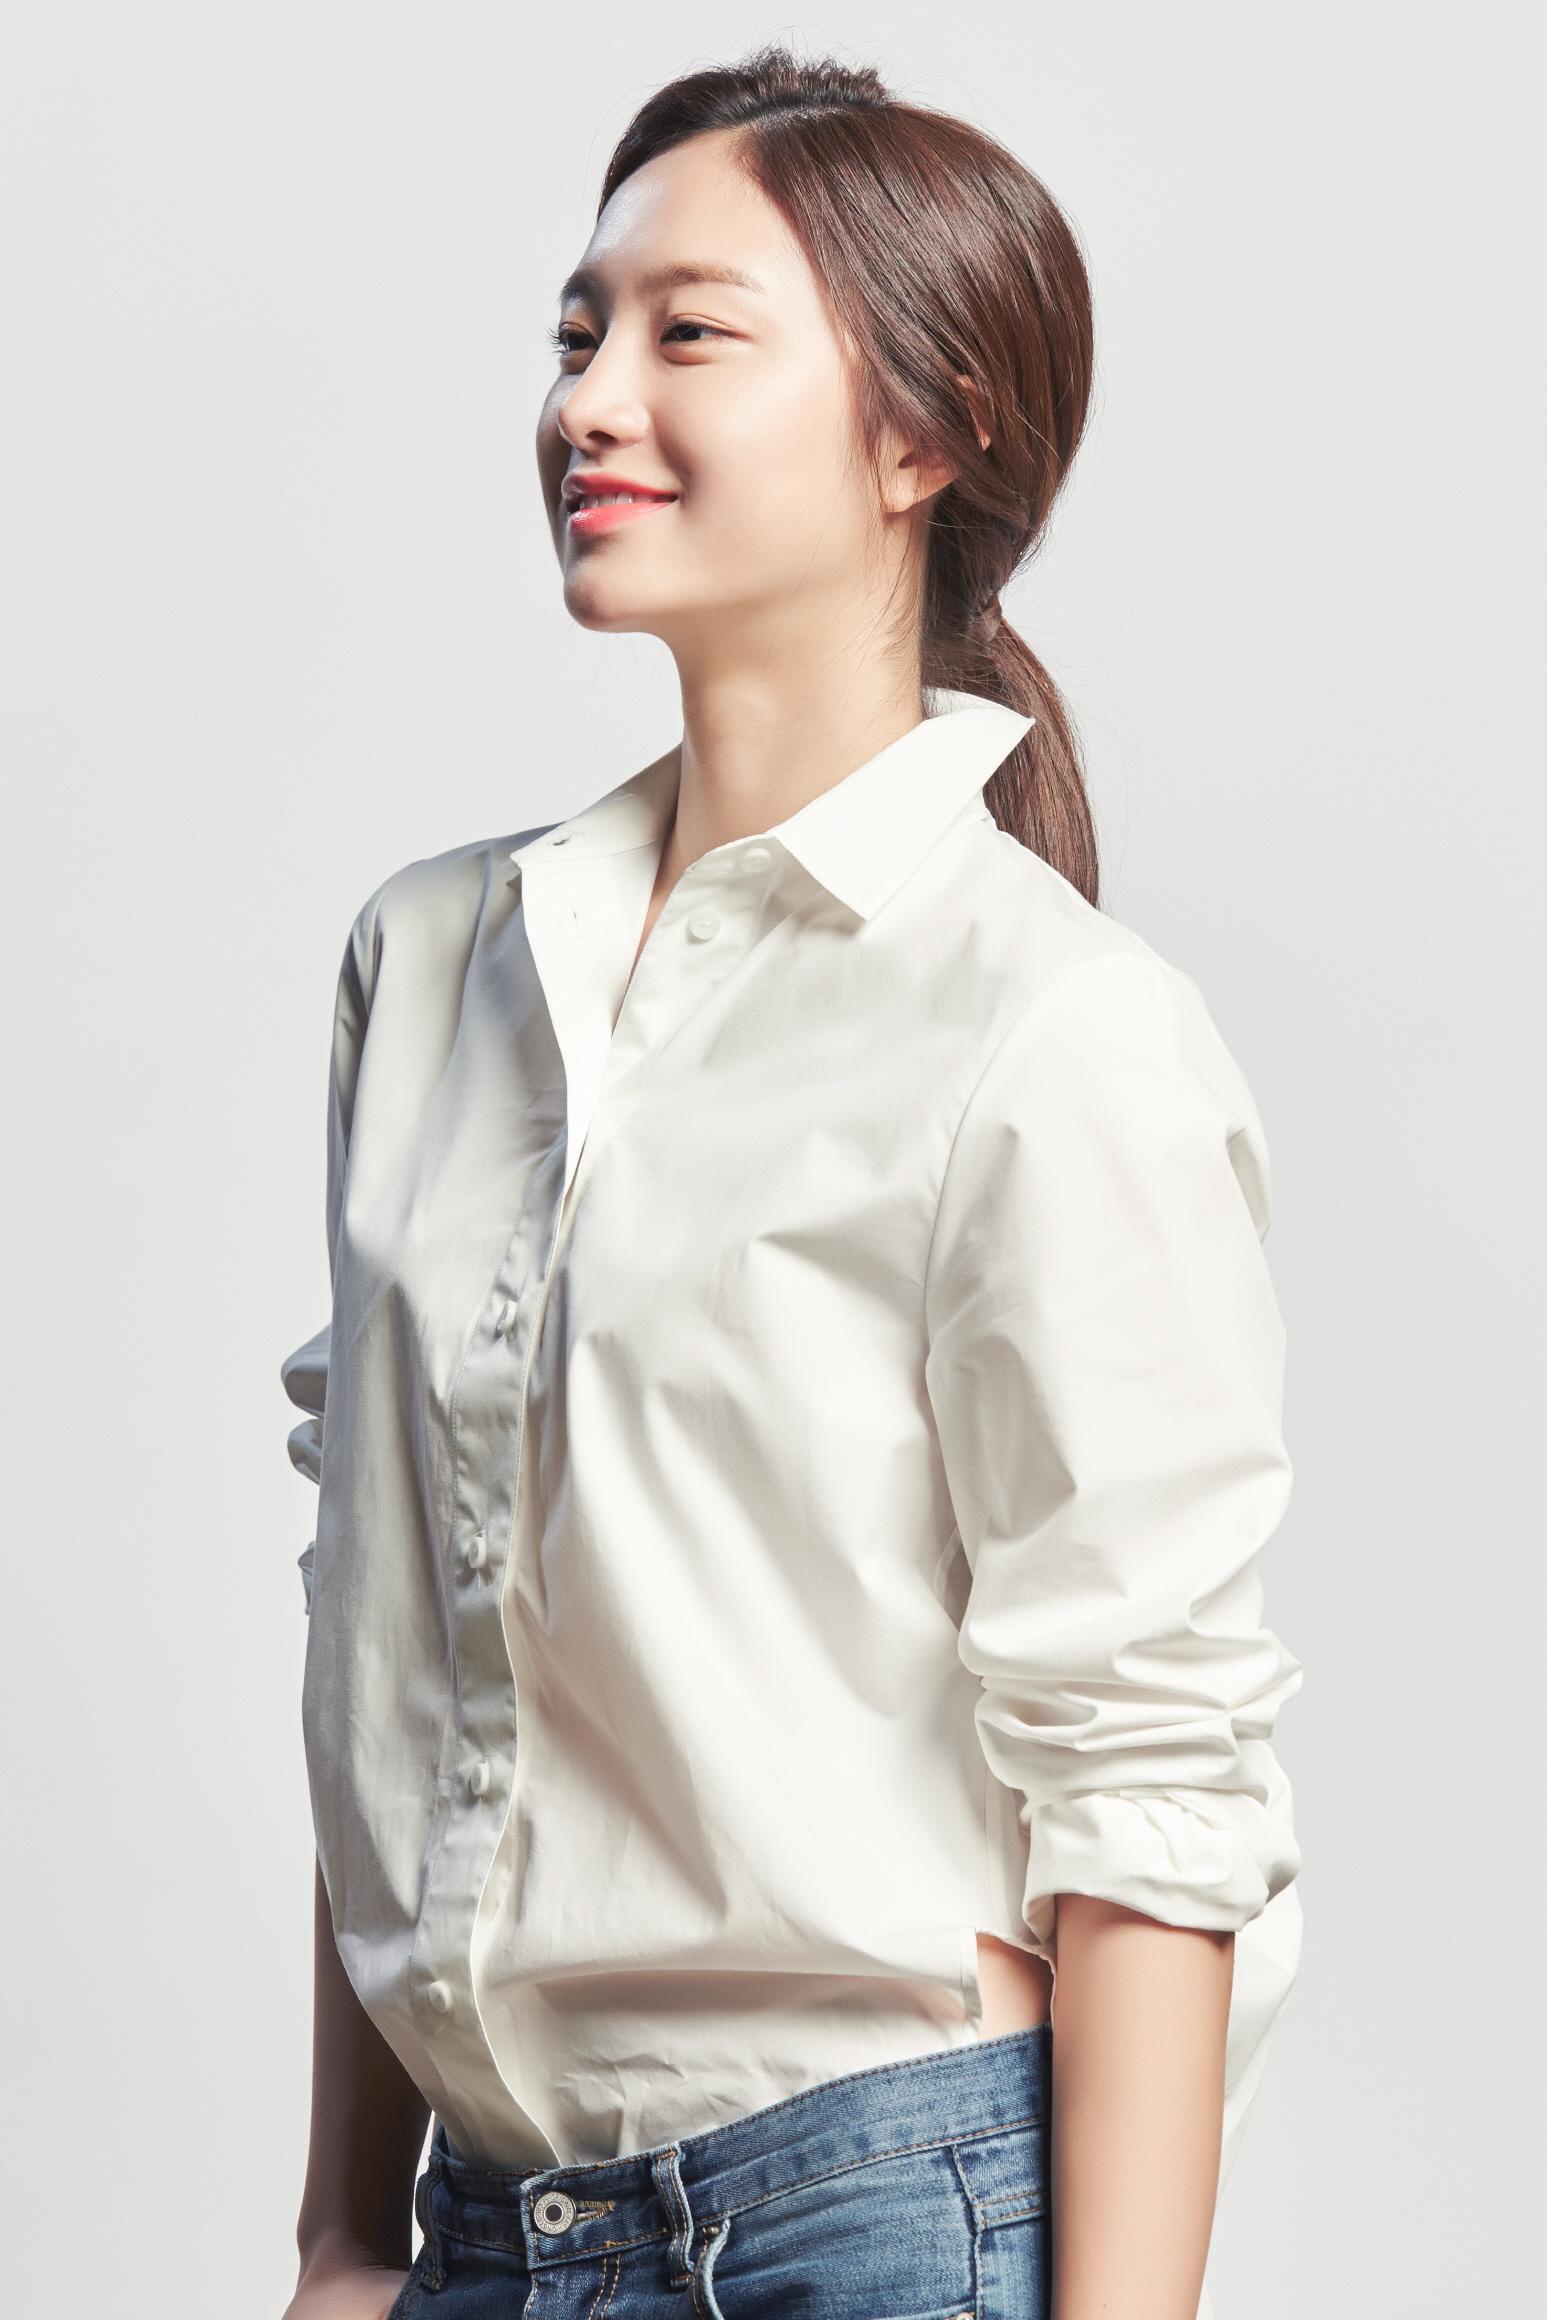 이하은, '농부사관학교' 시즌2 캐스팅 확정! 예측불가 매력 공개!